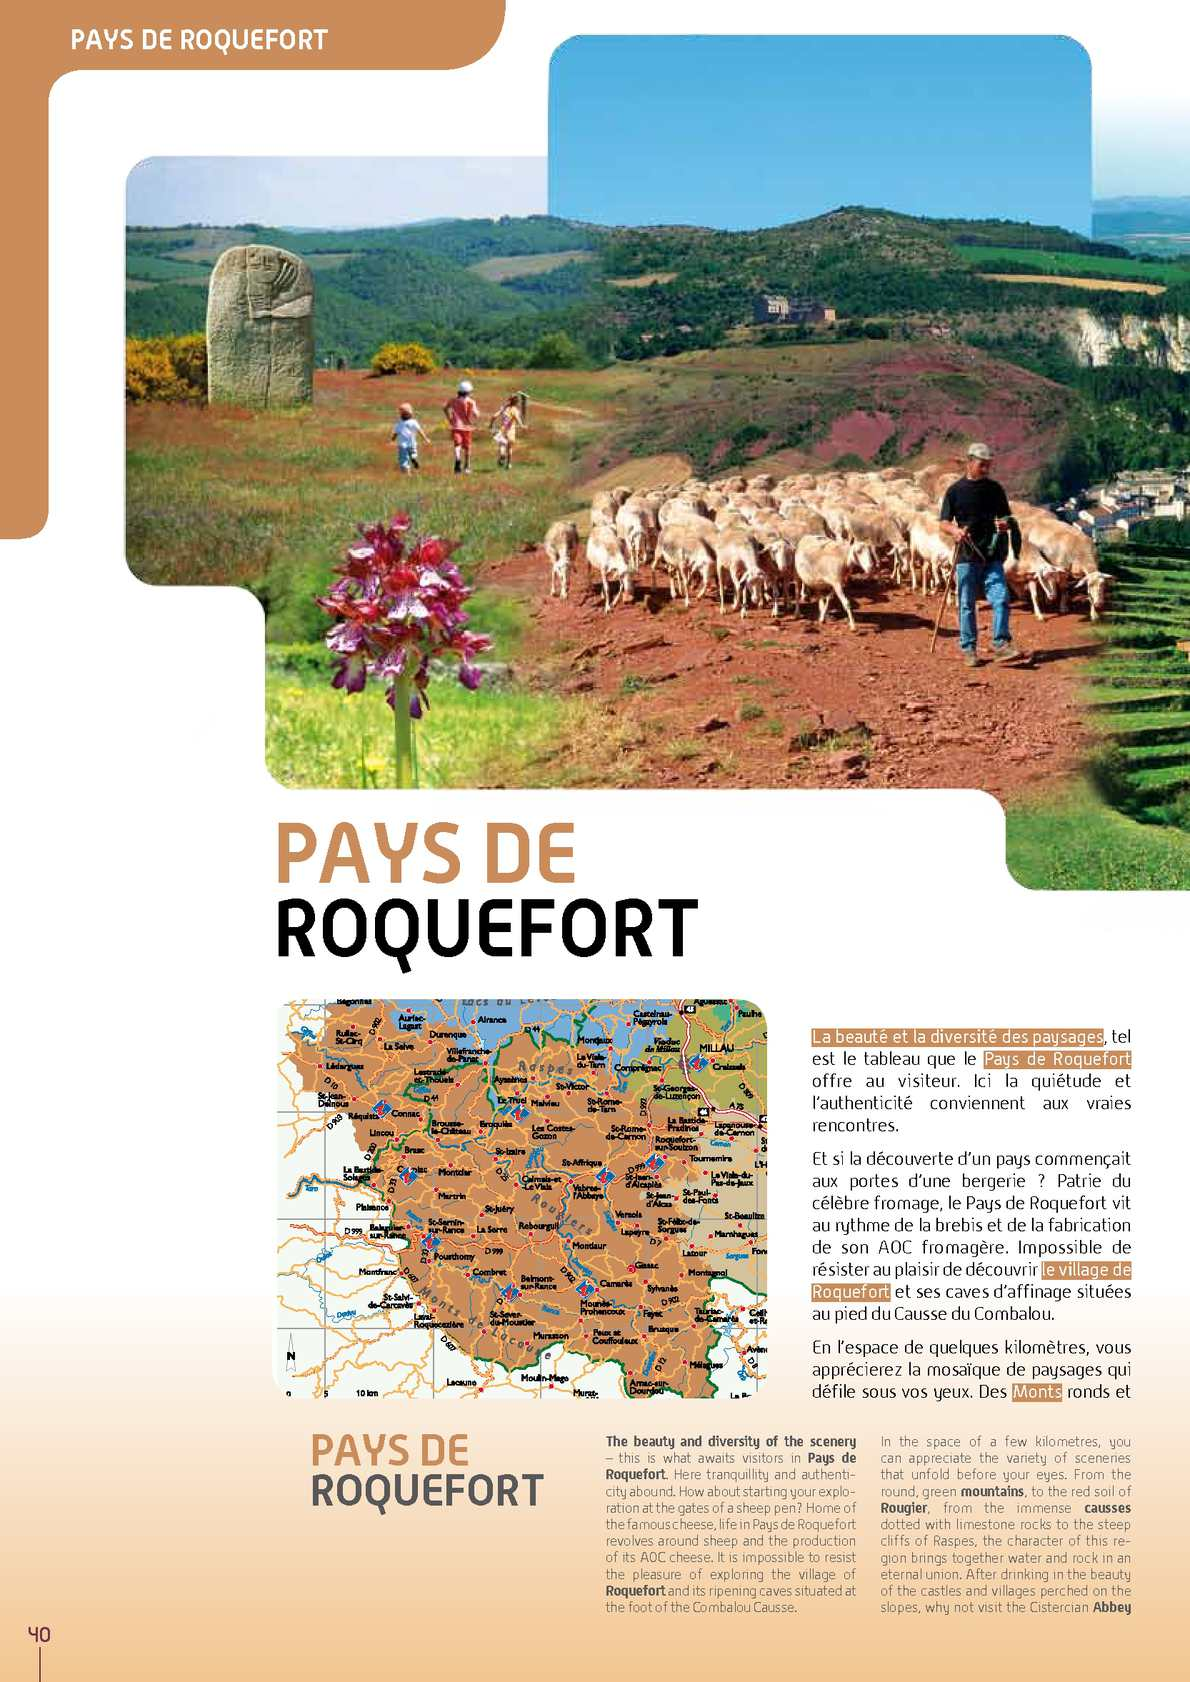 Découvertes et visites en Pays de Roquefort